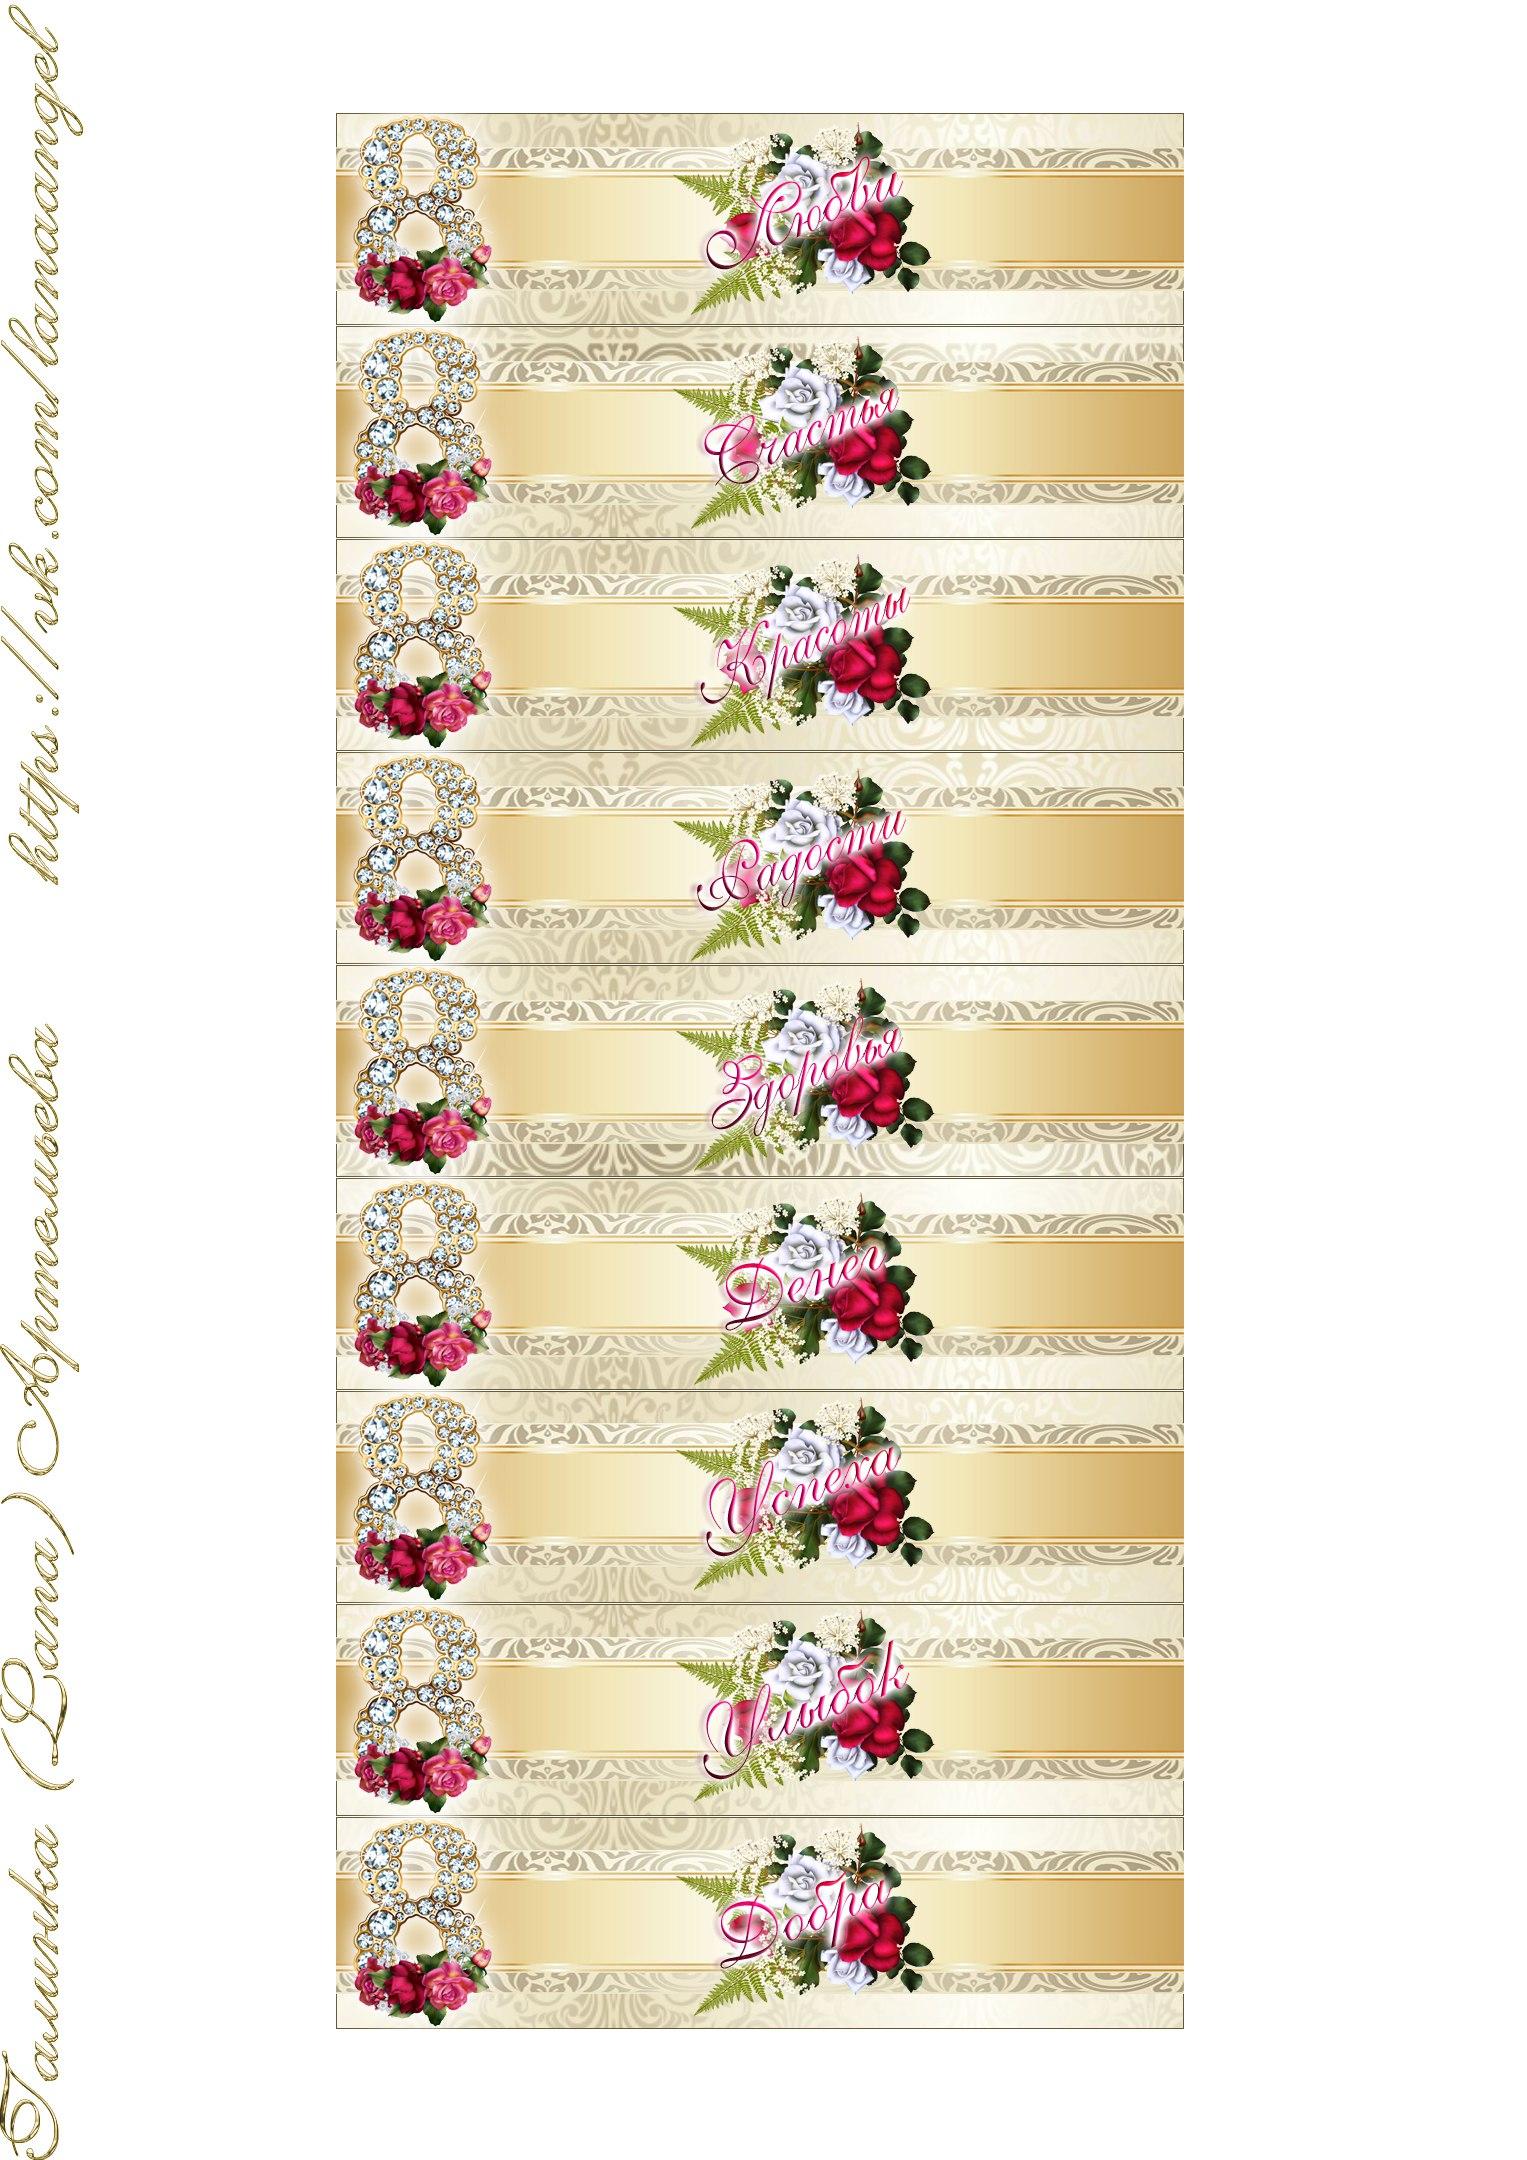 Обертки для конфет птичье молоко на 8 марта